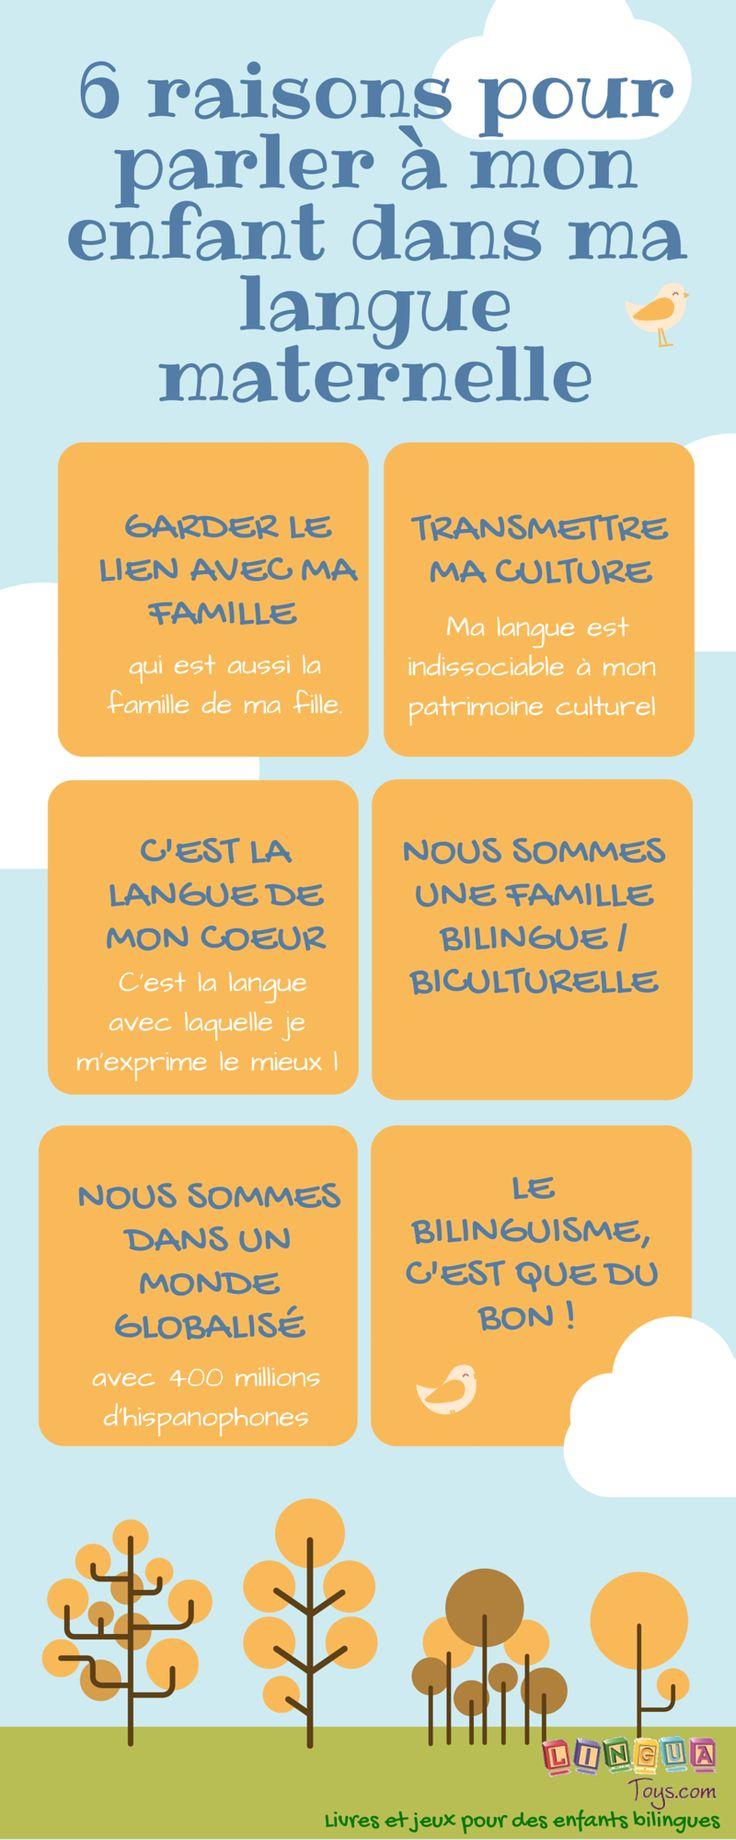 Raisons pour parler sa langue maternelle avec son enfant